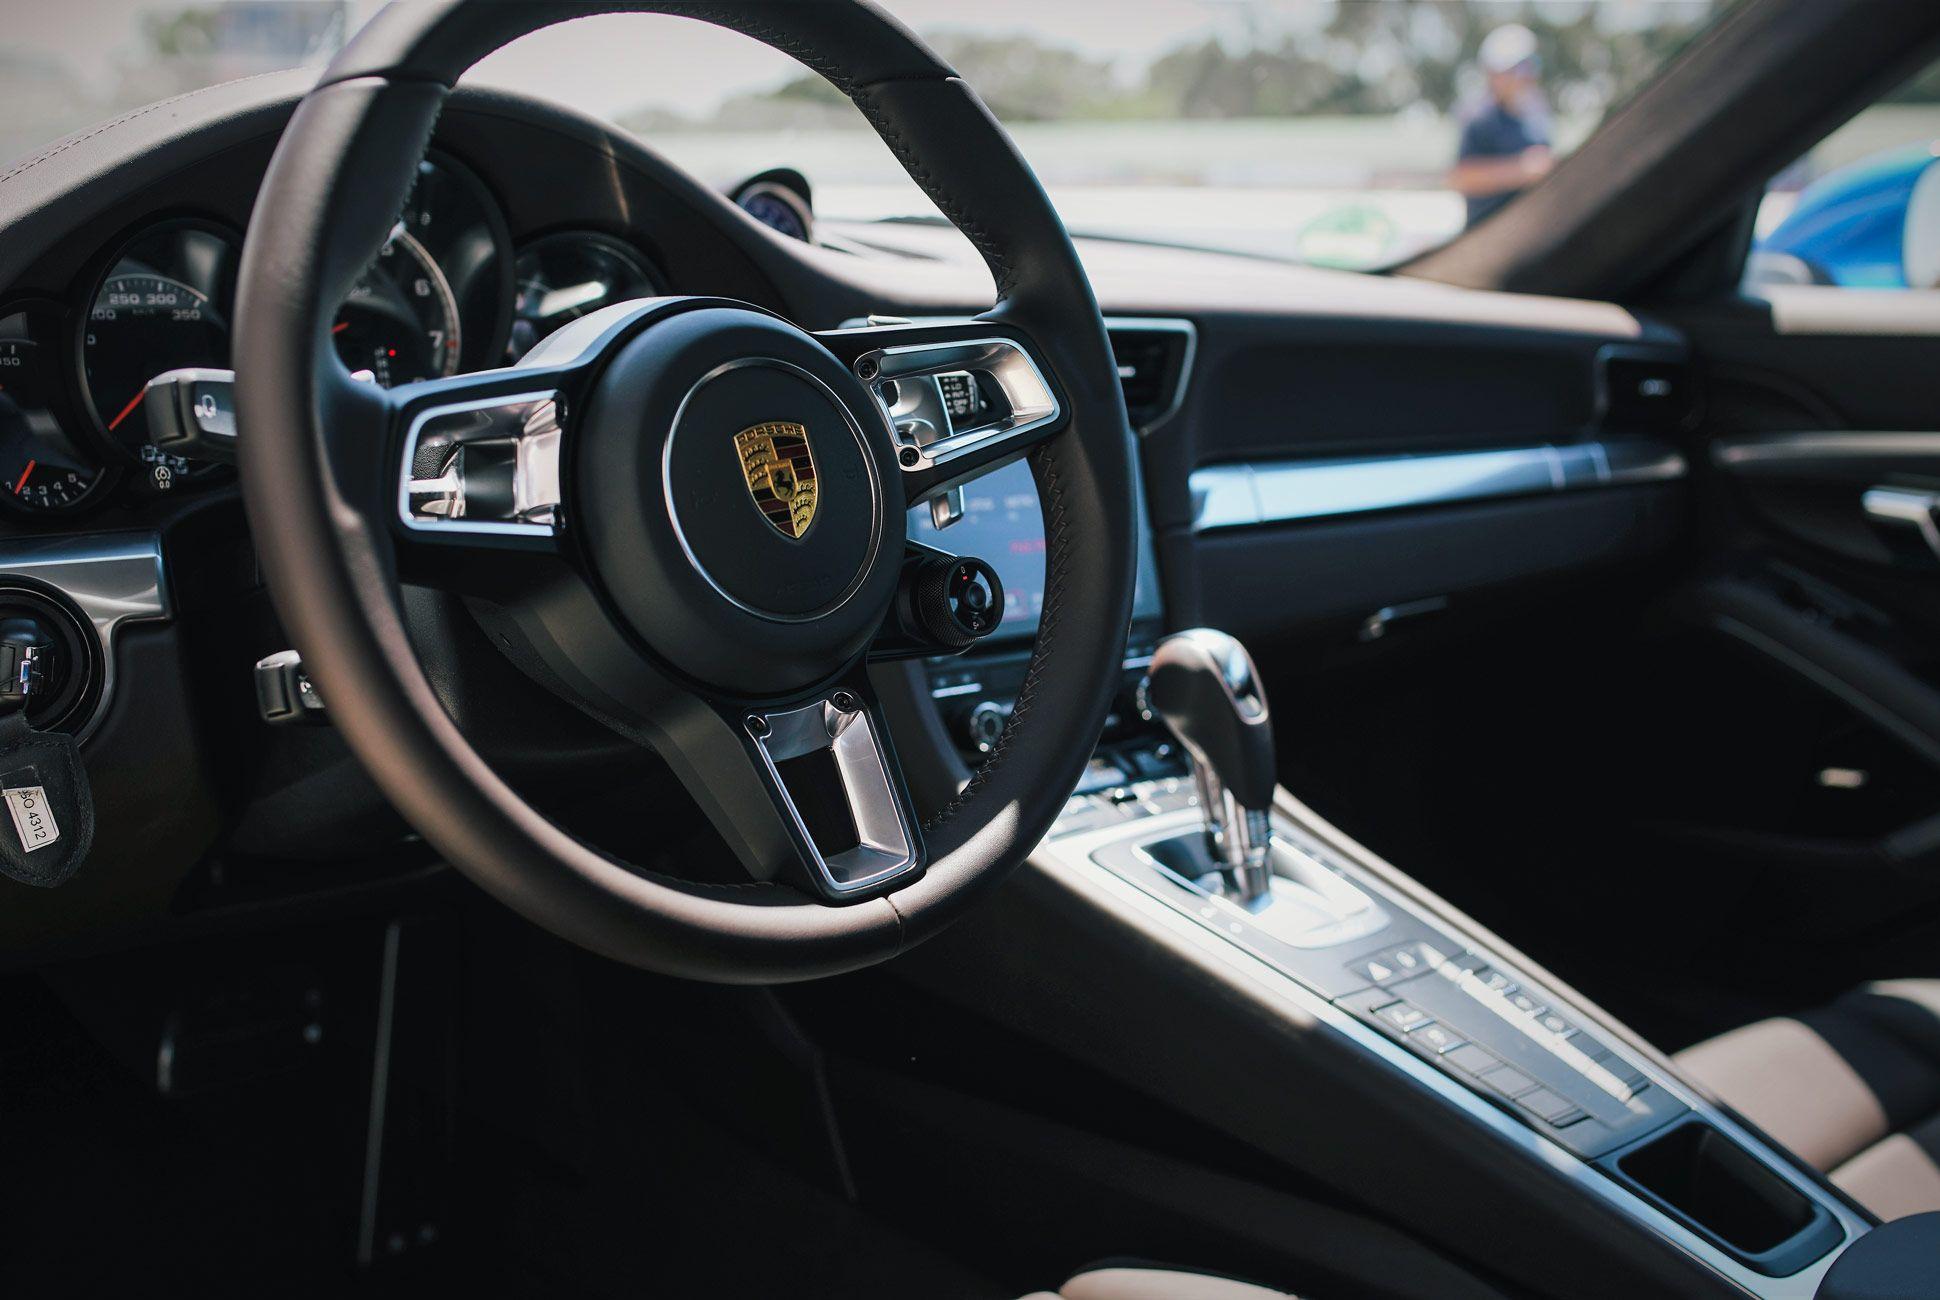 Porsche-GTS-Gear-Patrol-Slide-5